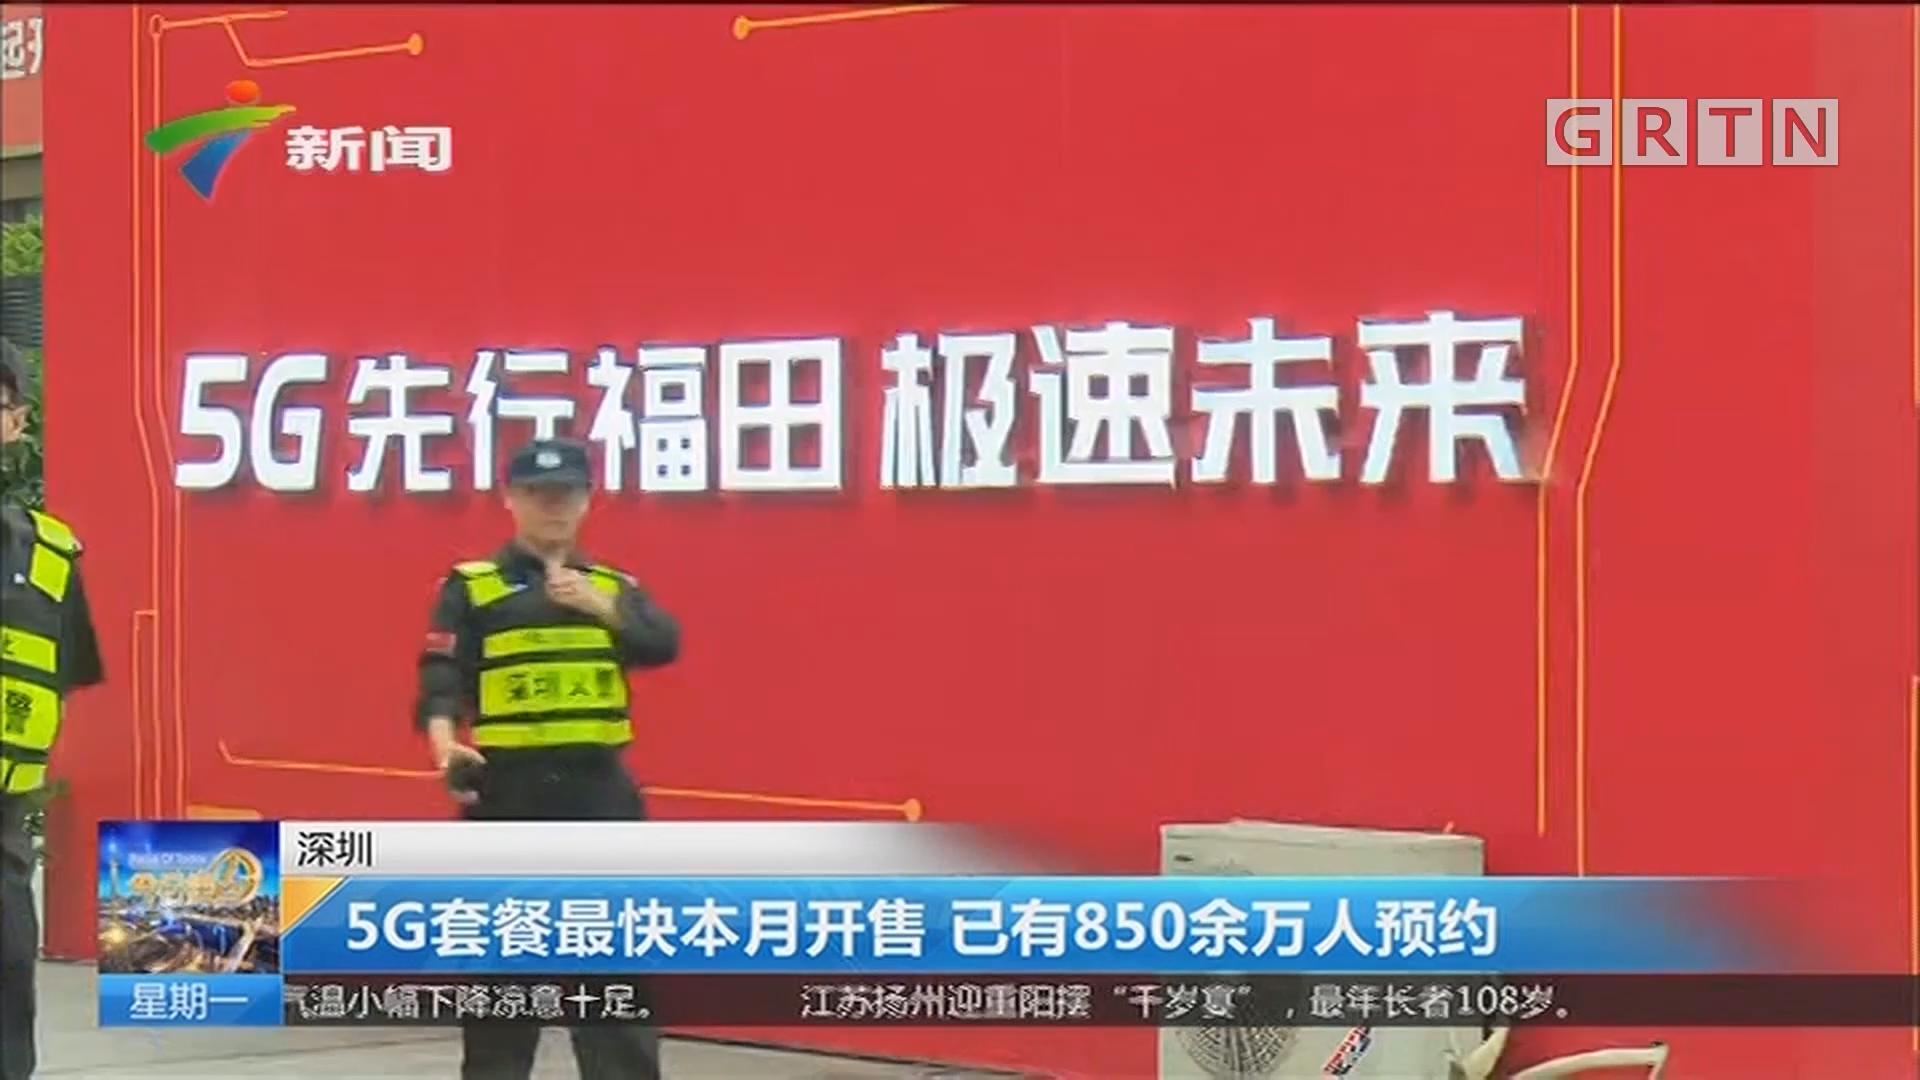 深圳:5G套餐最快本月开售 已有850余万人预约